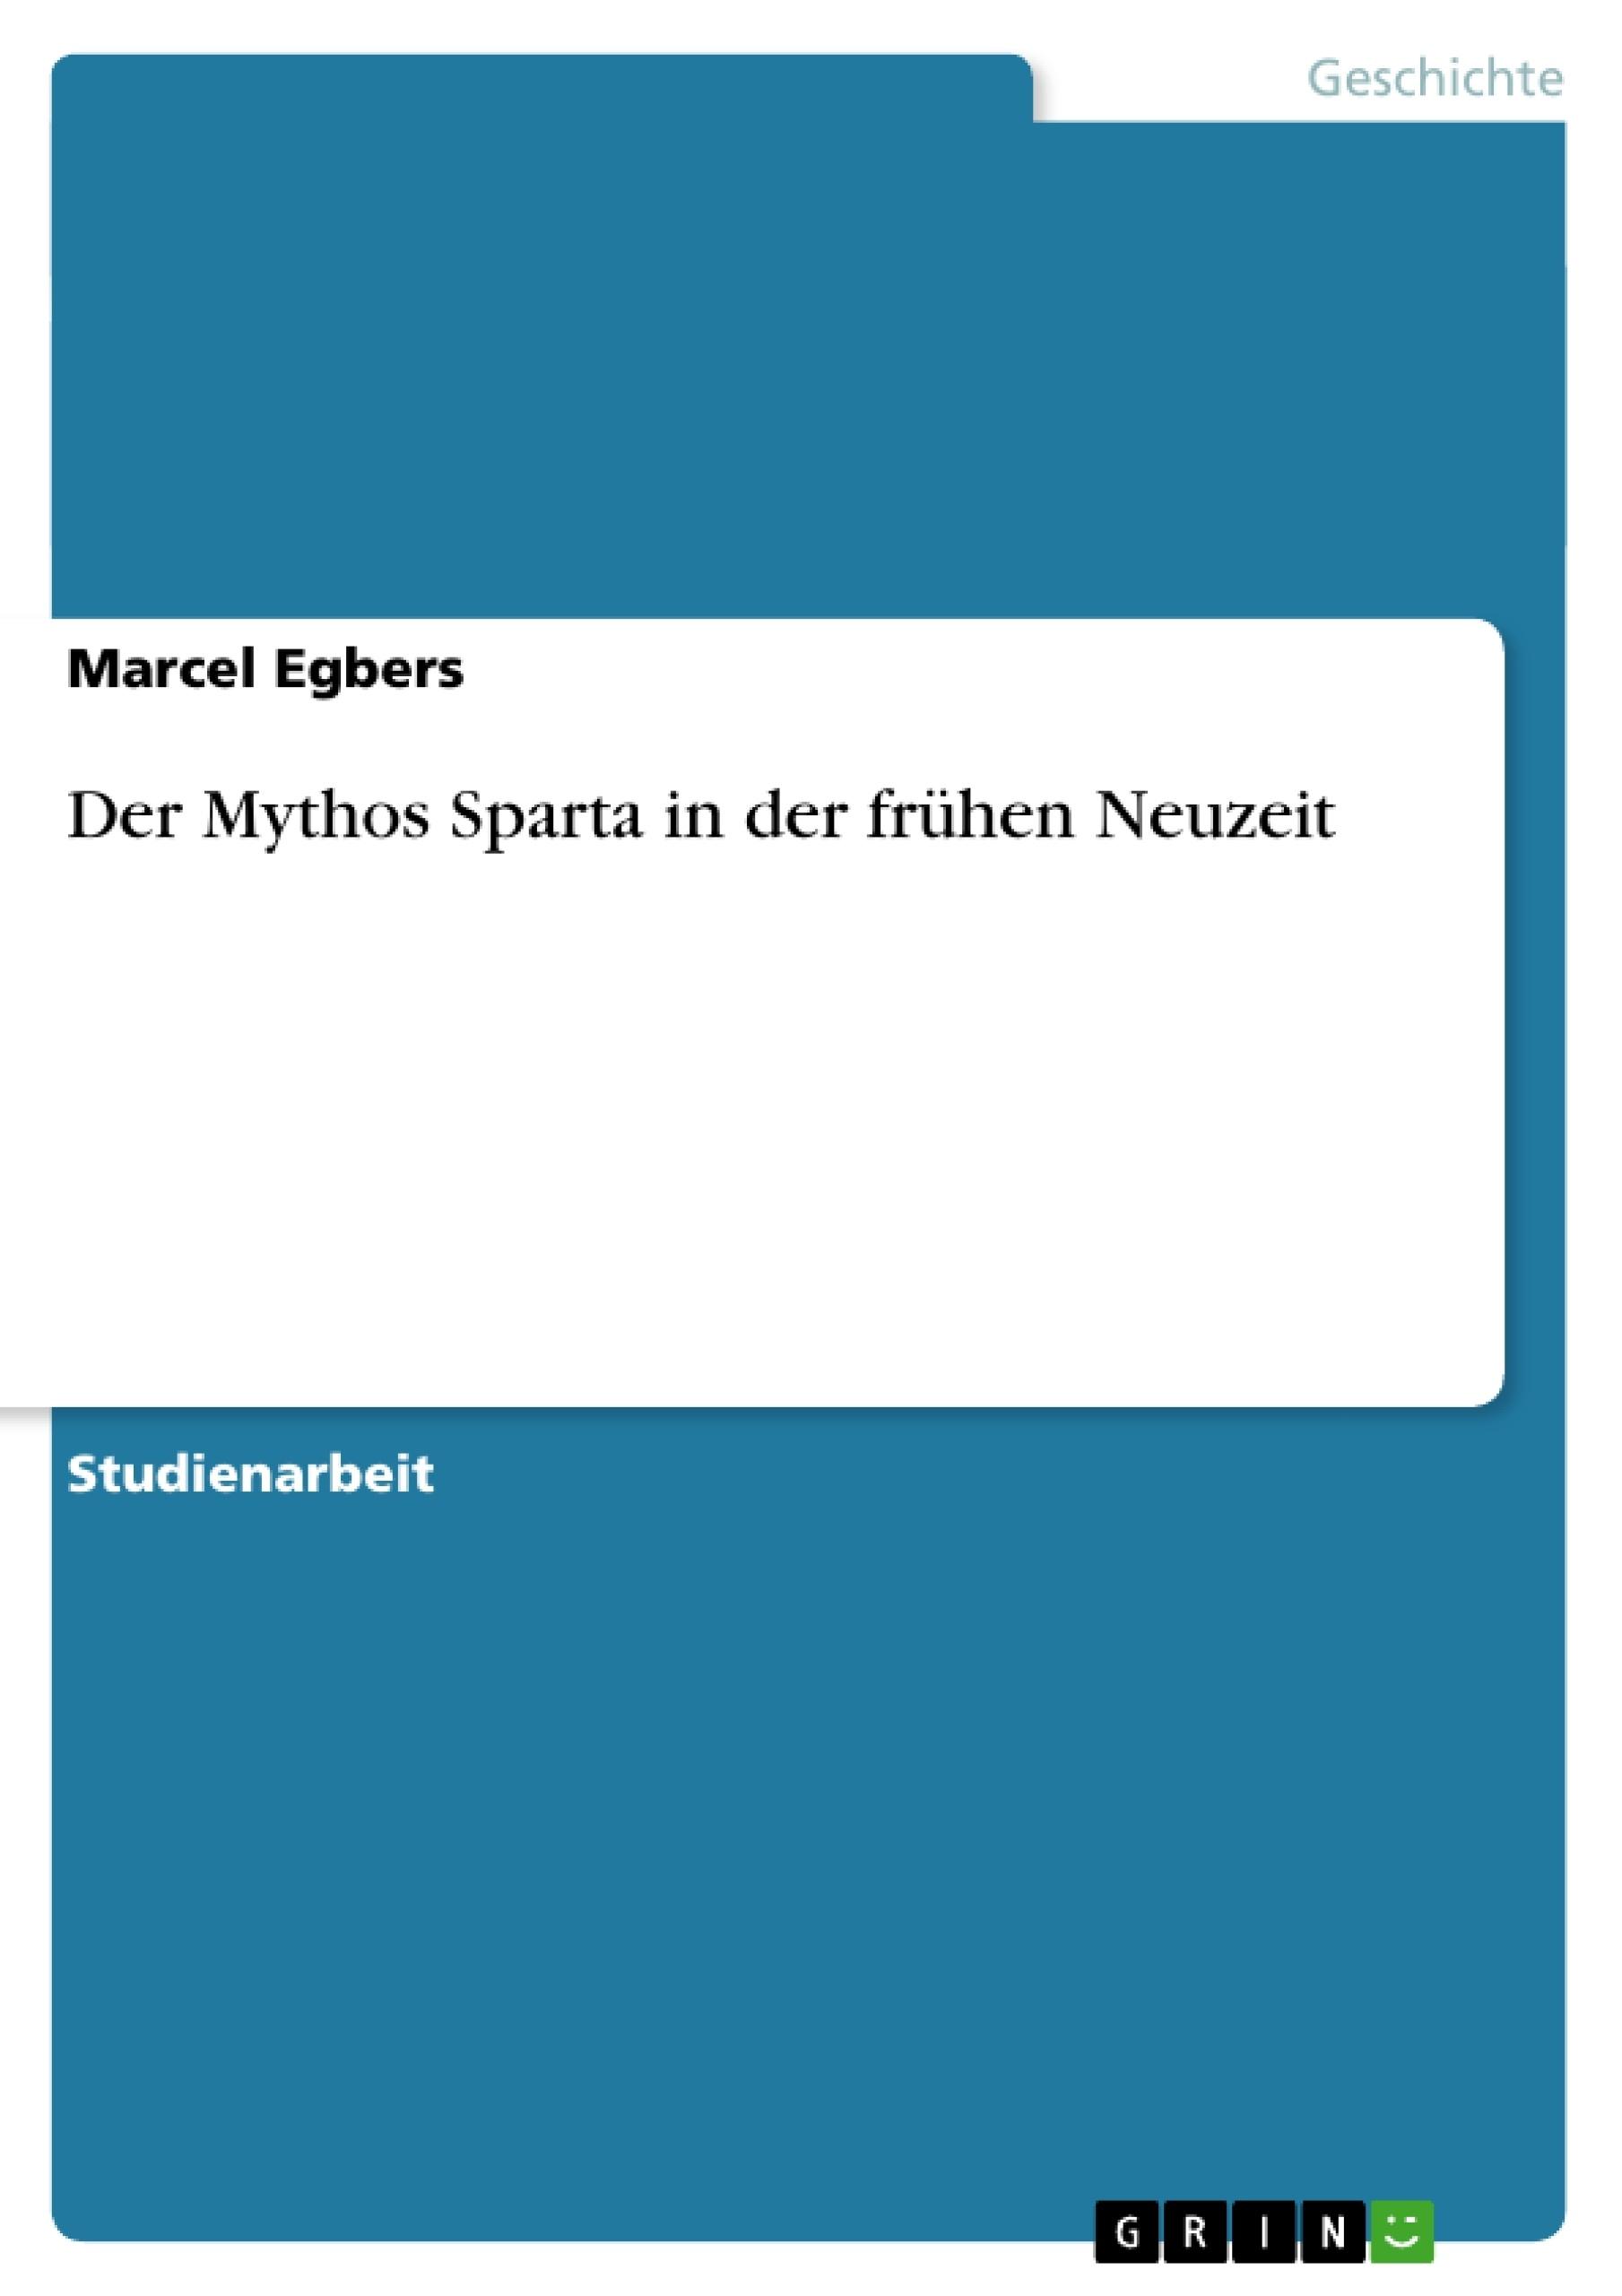 Titel: Der Mythos Sparta in der frühen Neuzeit